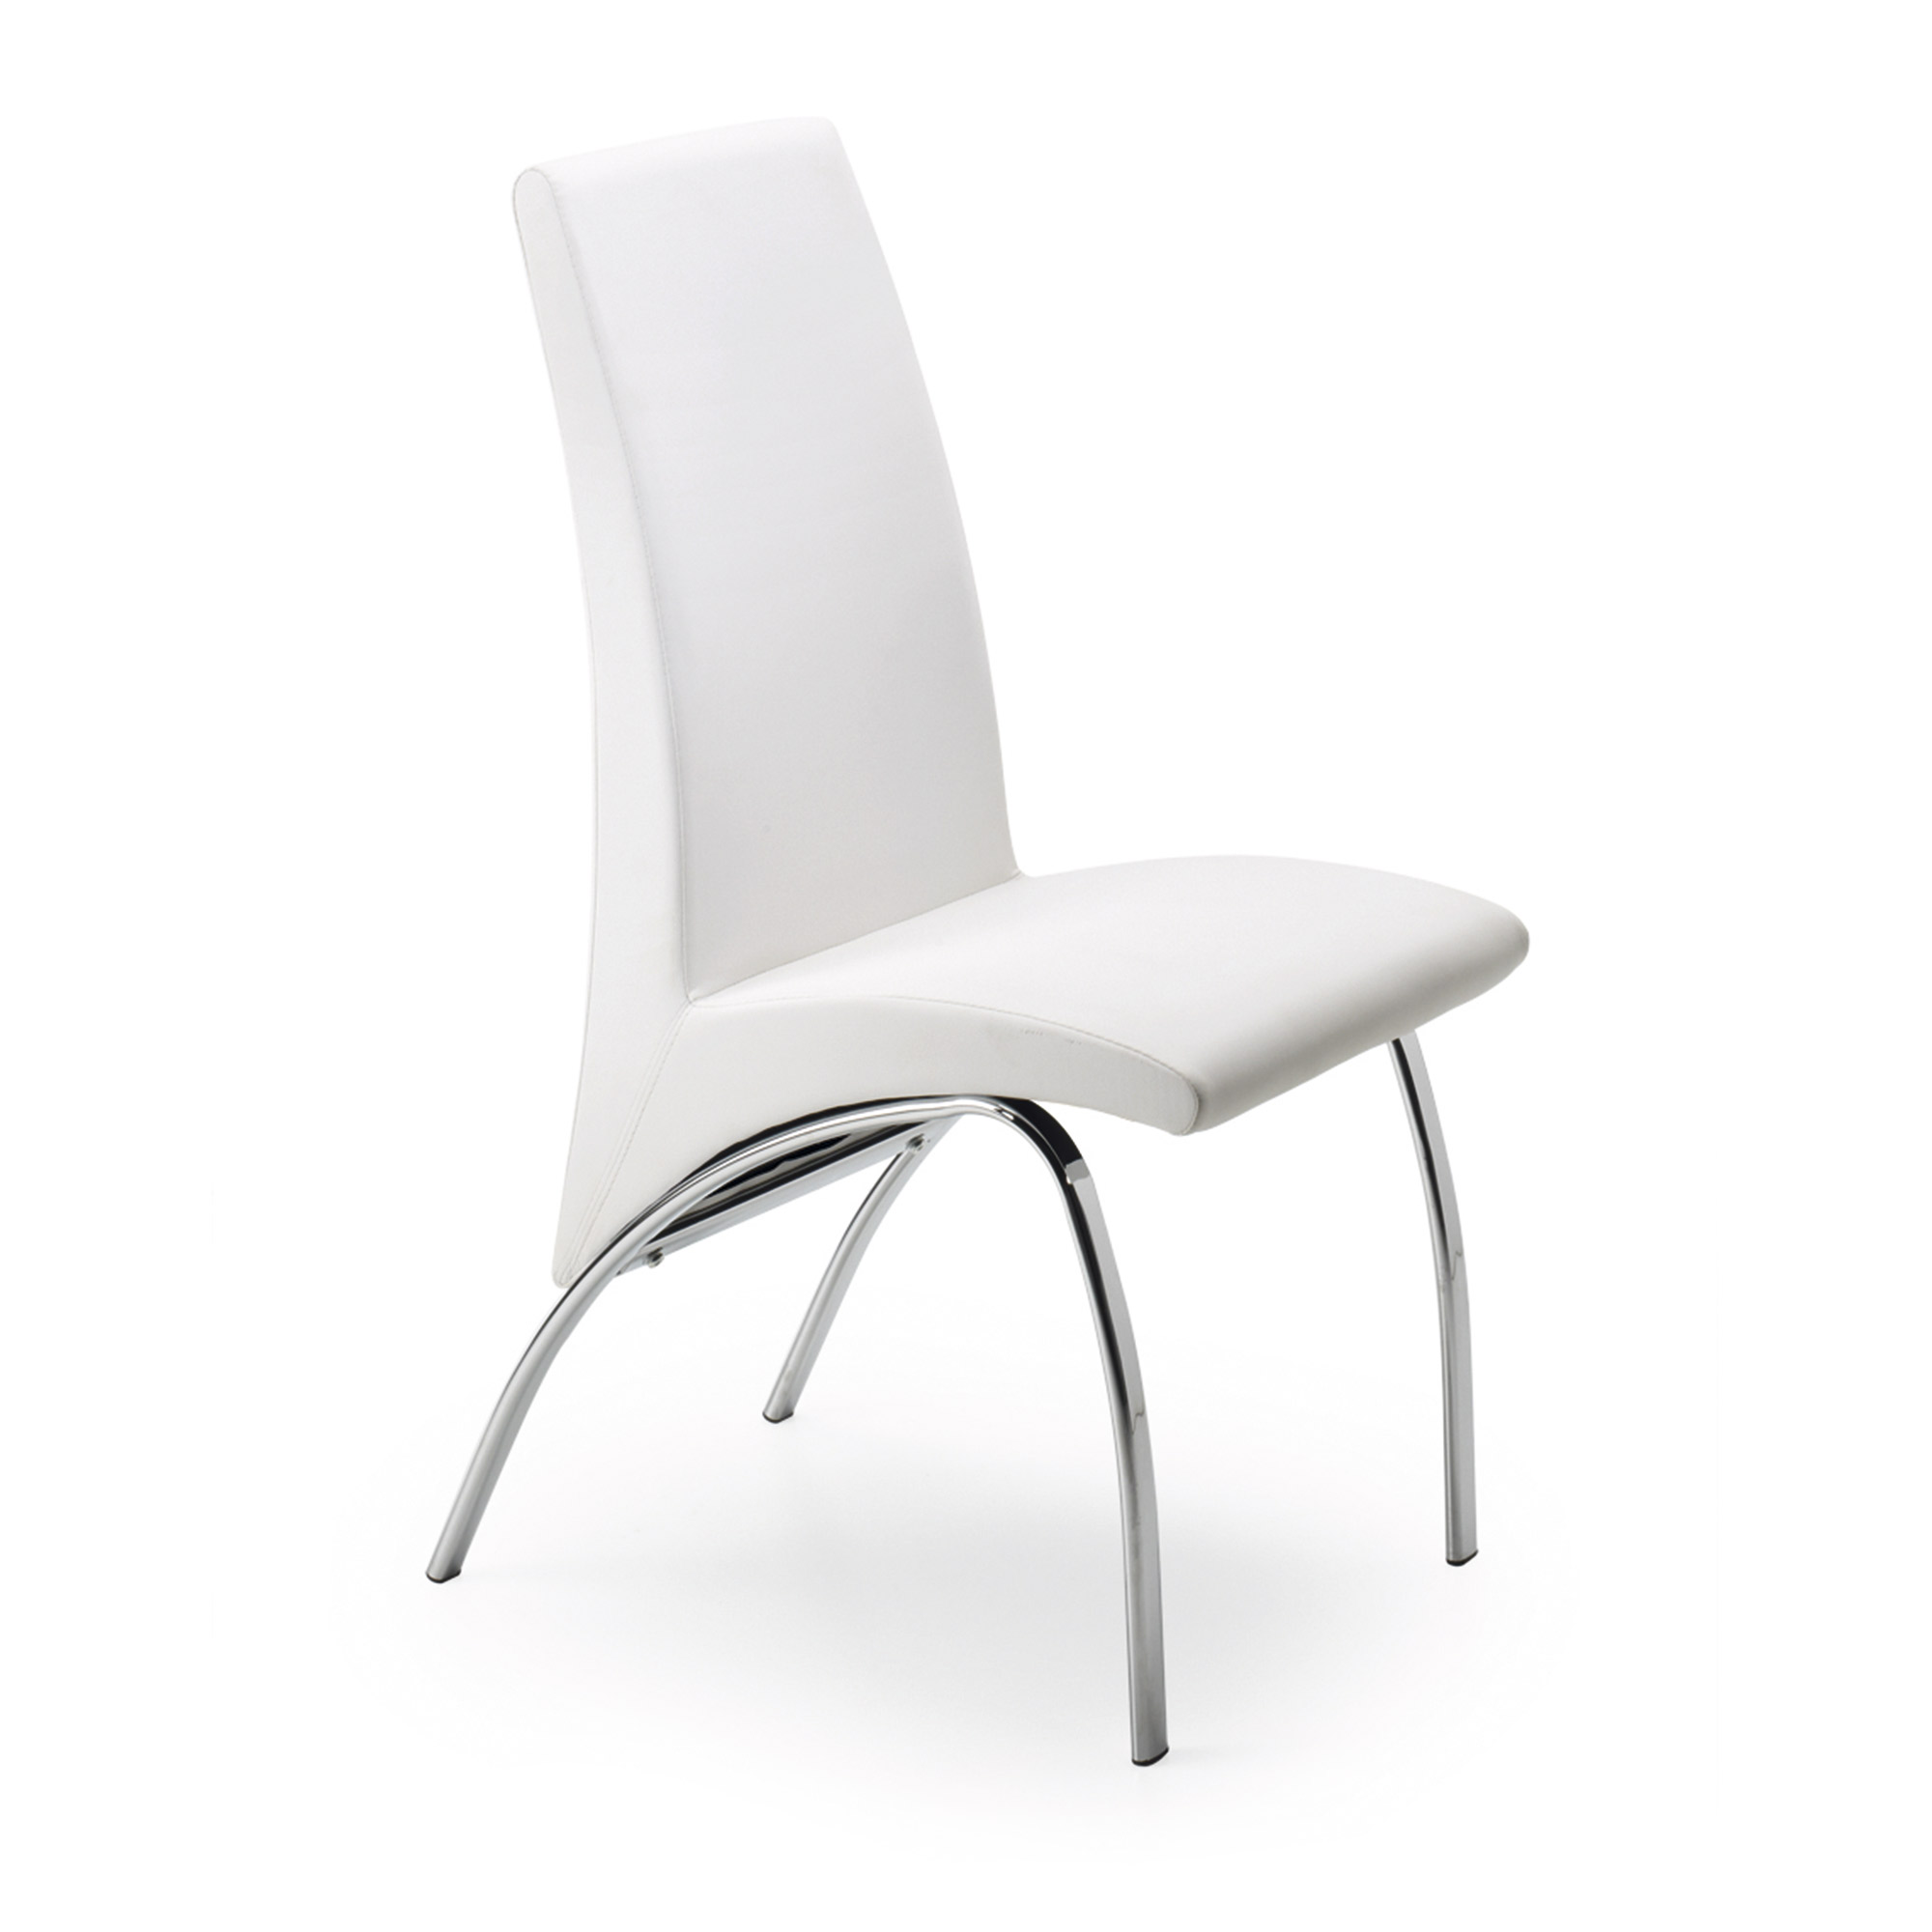 Zicar silla cromado pu blancopuro u05 en for Sillas comedor madrid